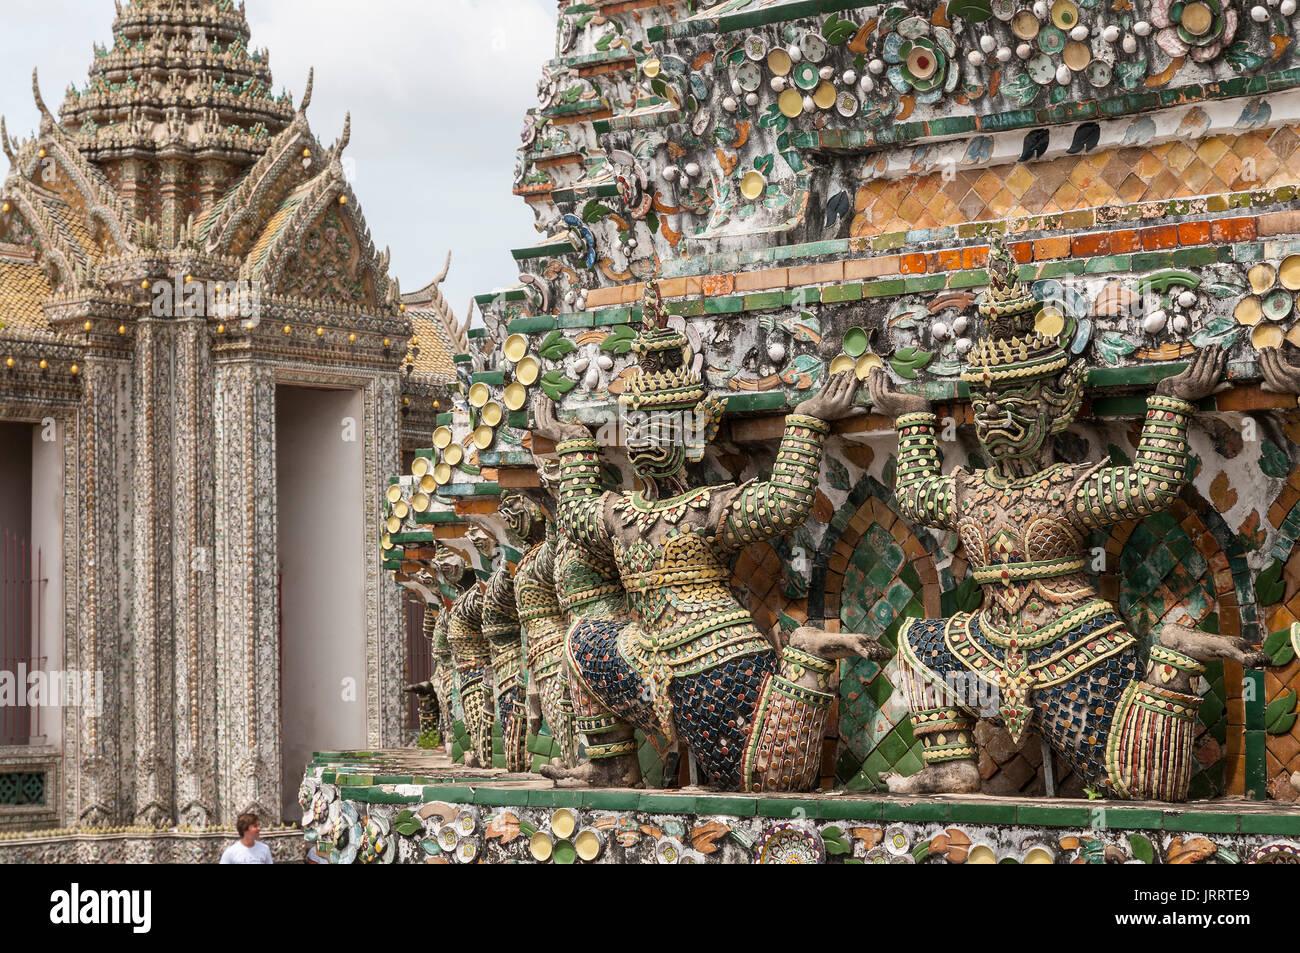 Antiche Figure cinesi decorate con piastrelle di ceramica, al Wat Arun tempio, sul Fiume Chao Phraya. Yai district, Bangkok, Thailandia Immagini Stock